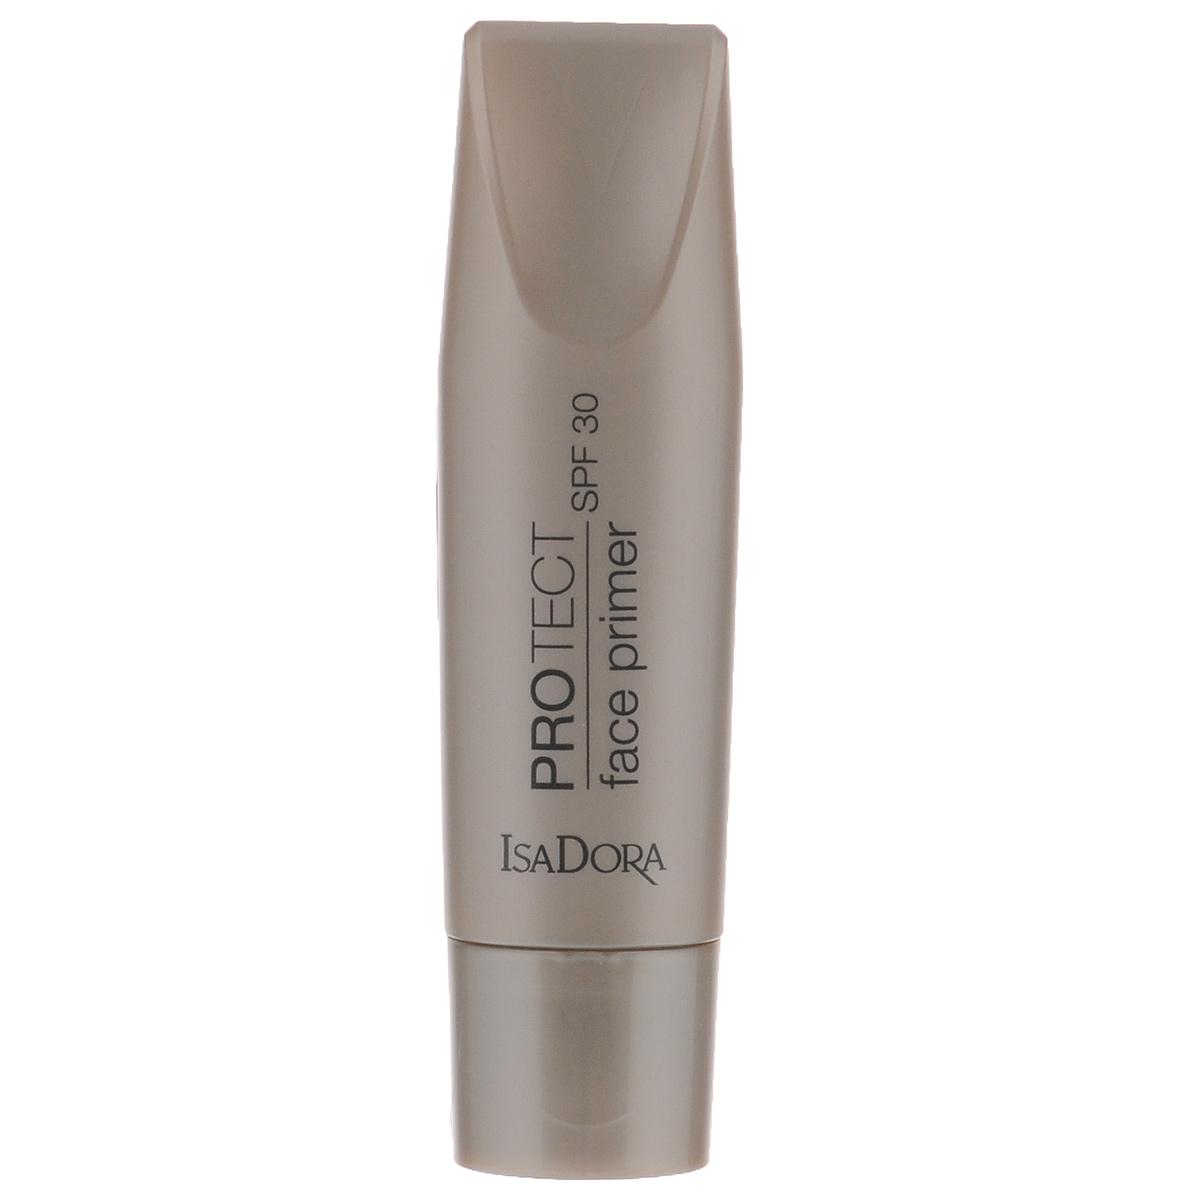 Isa Dora База под макияж ProTect Face Primer, SPF 30, 30 мл5010777139655Идеальная база для устойчивого безупречного макияжа. Эффективная защита от солнечных лучей (SPF 30, спектр UVA и UVB). Уникальные коллагеновые пептиды – сокращают морщины, придают коже упругость. Гелевая текстура без содержания масел – ультралегкая, без ощущения силиконовой пленки. Для всех типов кожи – включая жирную и комбинированную. Товар сертифицирован.